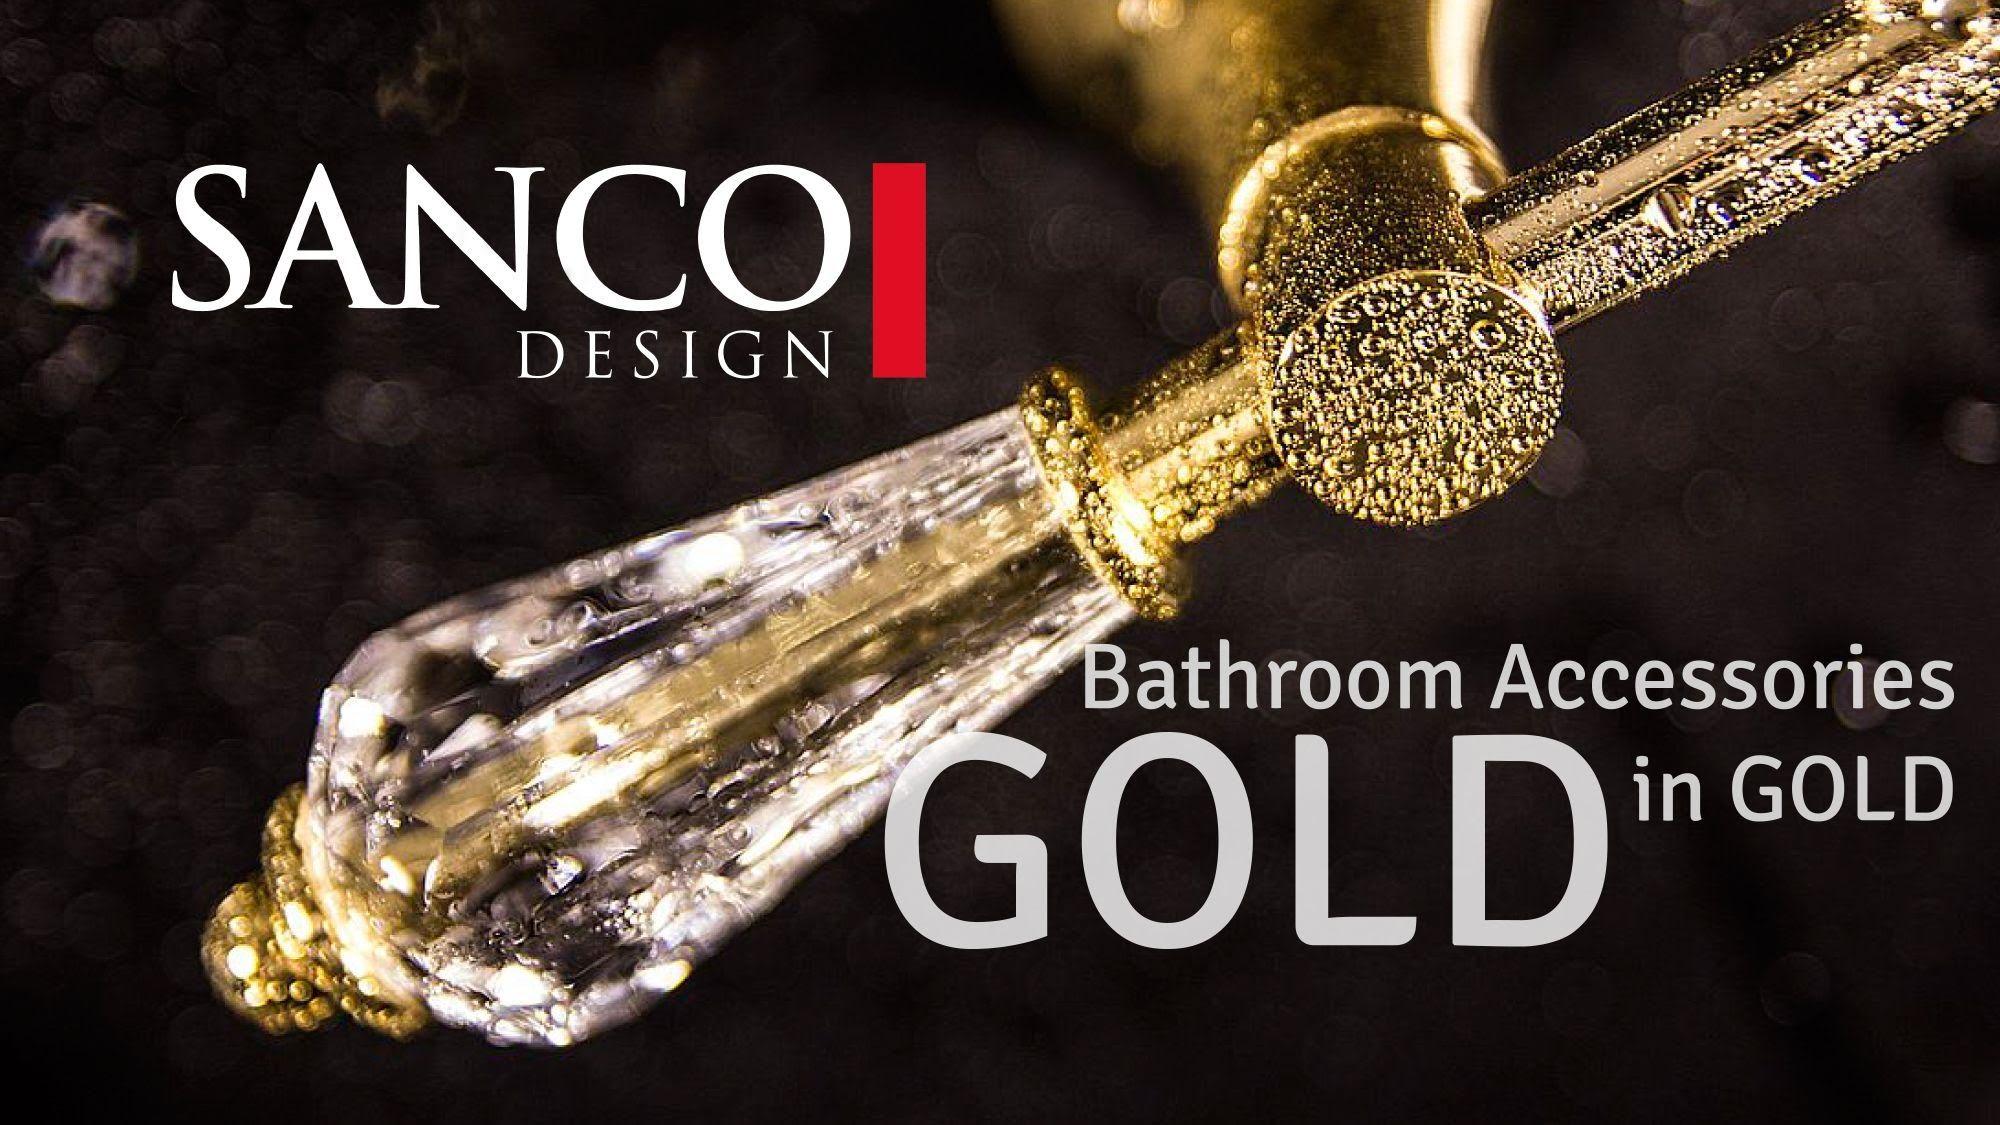 Bathroom Accessories Dubai golden interior dubai style with luxury bathroom accessories